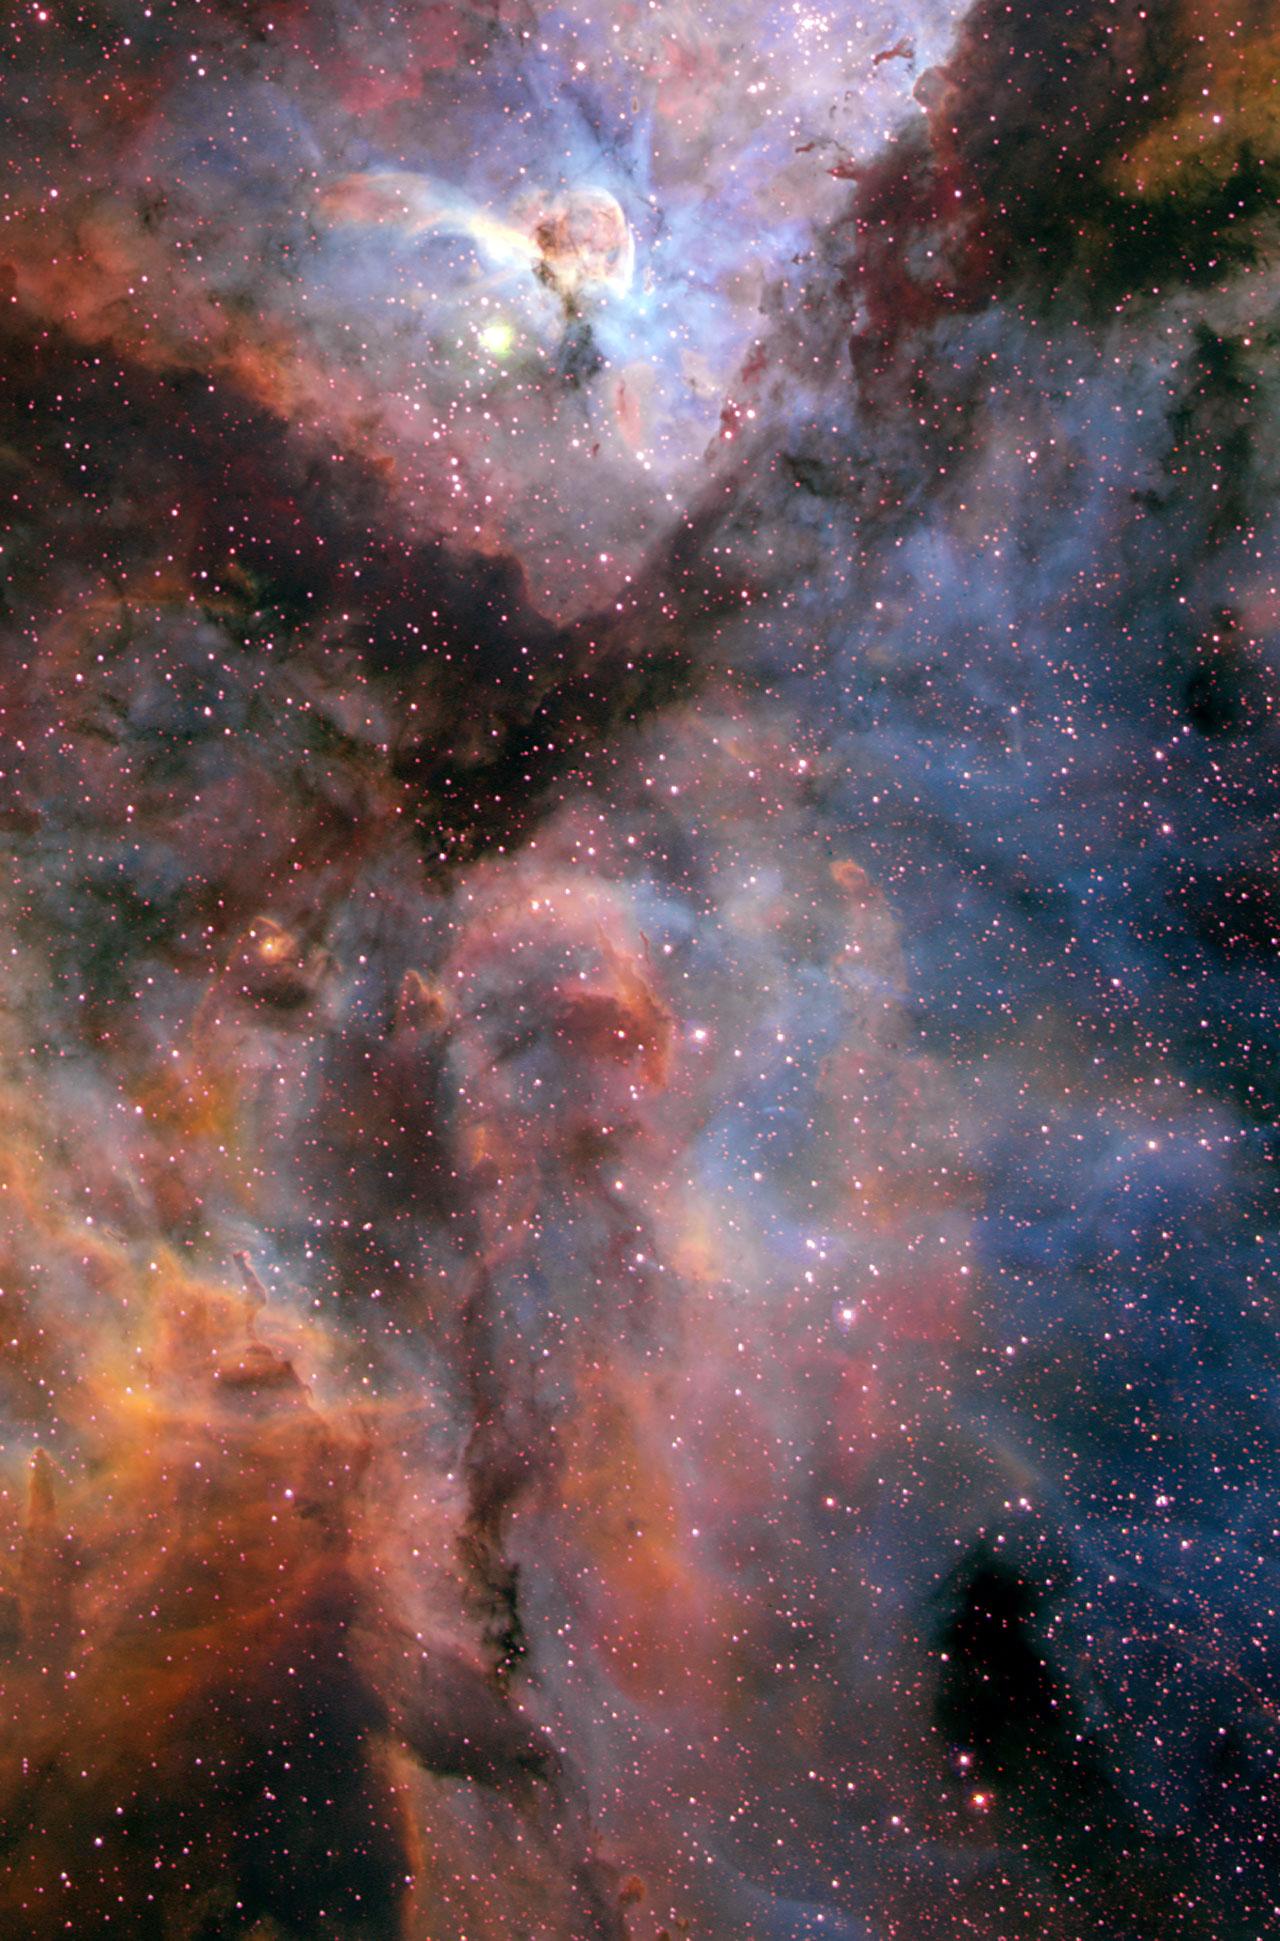 Carina Nebula (ground-based image)